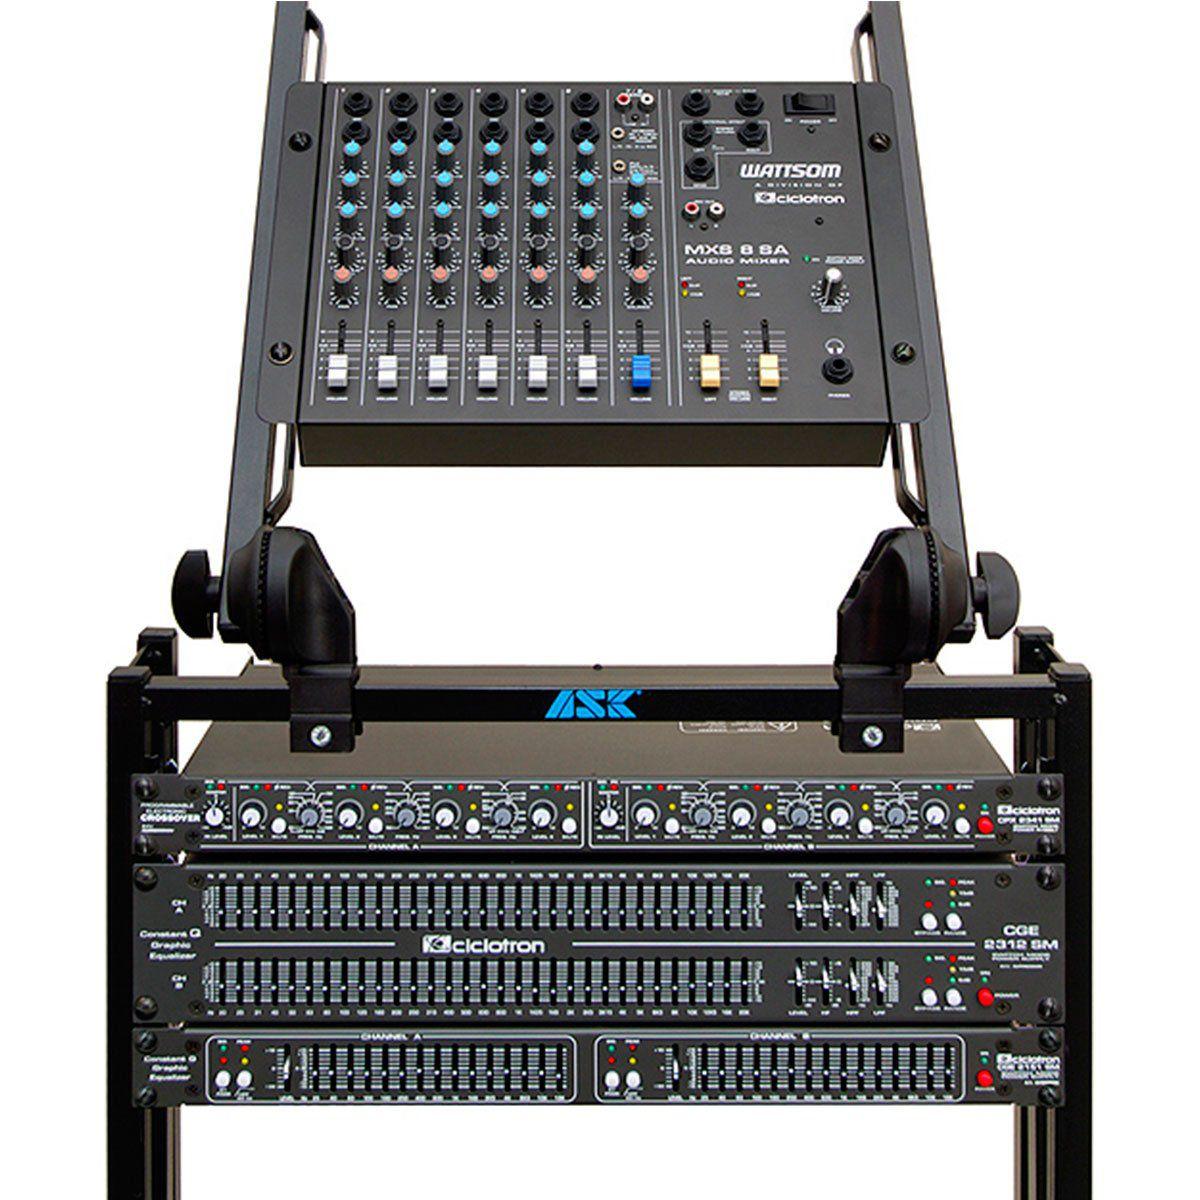 Mesa de Som 8 Canais (6 P10 Desbalanceados + RCA) c/ 1 Auxiliar - MXS 8 SA Ciclotron